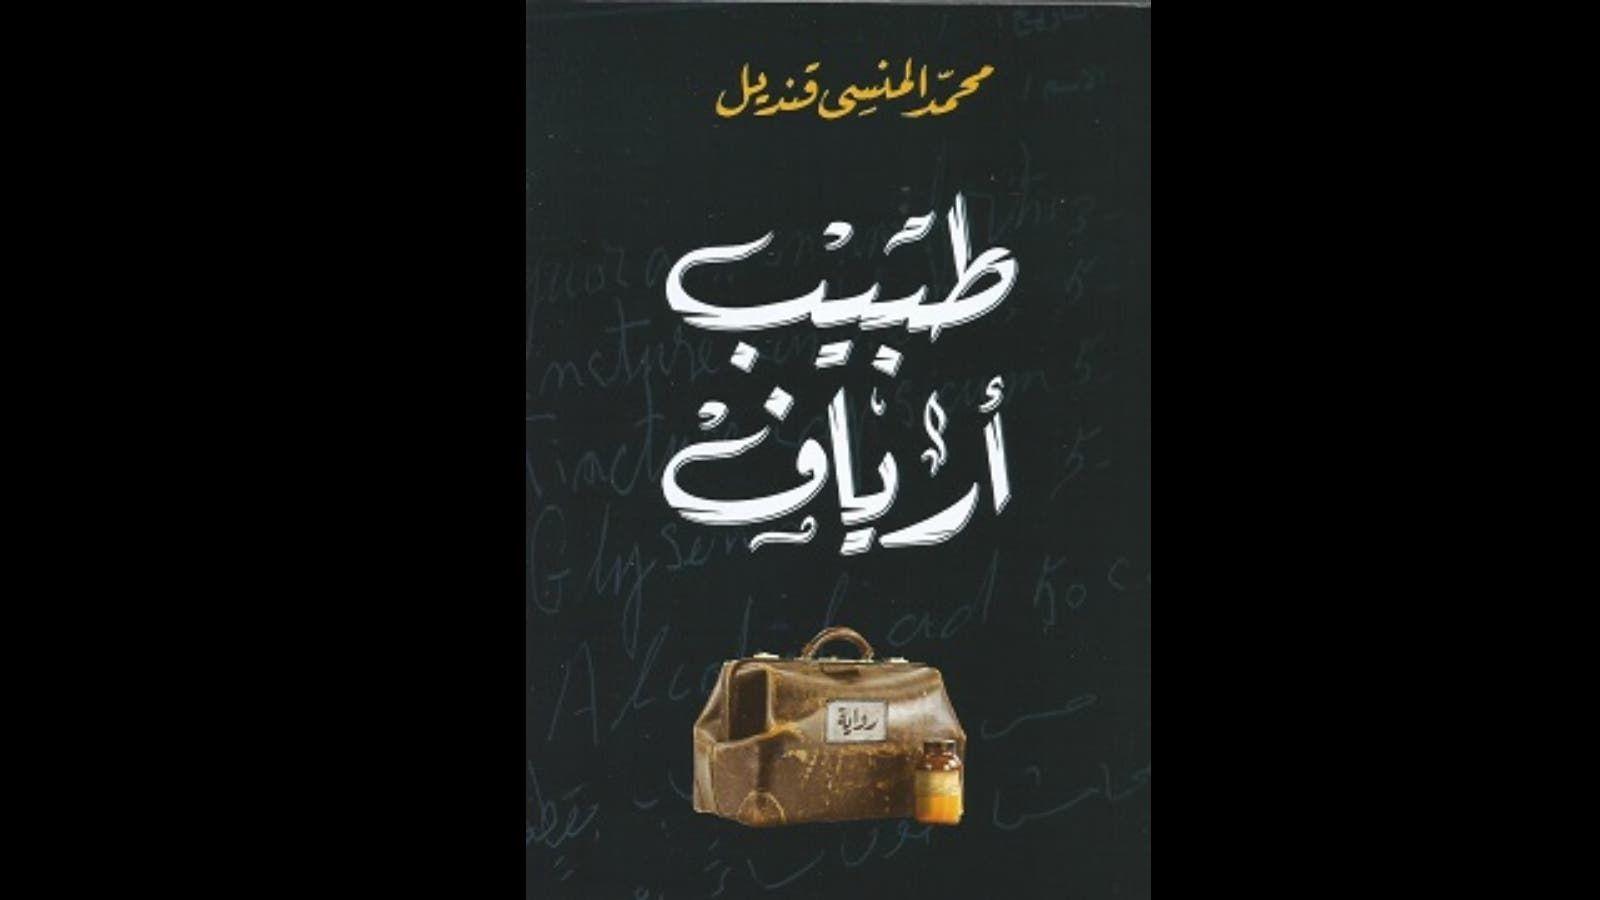 ندوة للدكتور محمد المنسي قنديل لمناقشة روايته طبيب أرياف Book Cover Books Cover